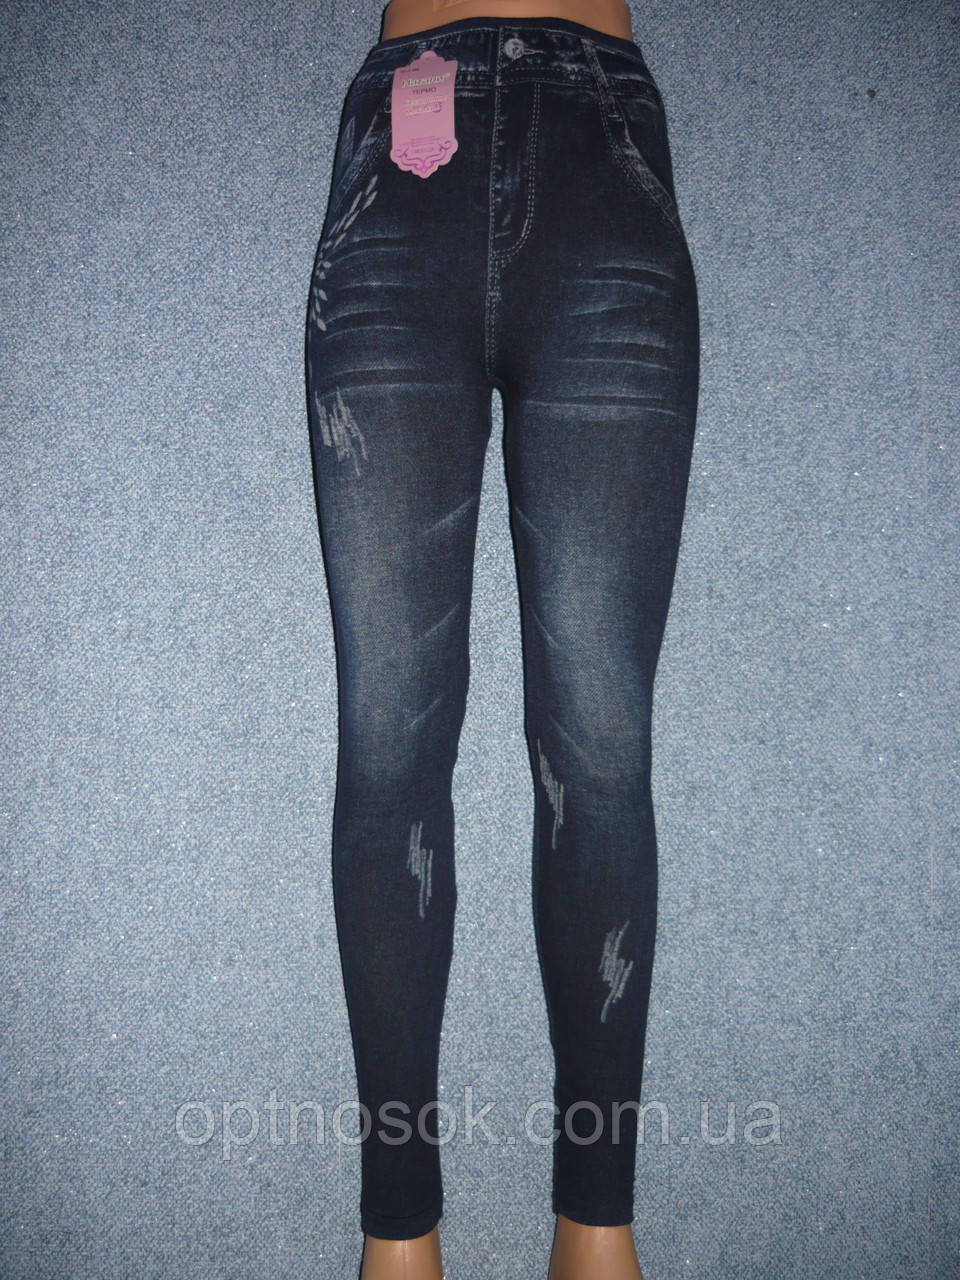 Бесшовные меховые термо лосины под джинс Натали. Норма. р. 44-48. С рисунком